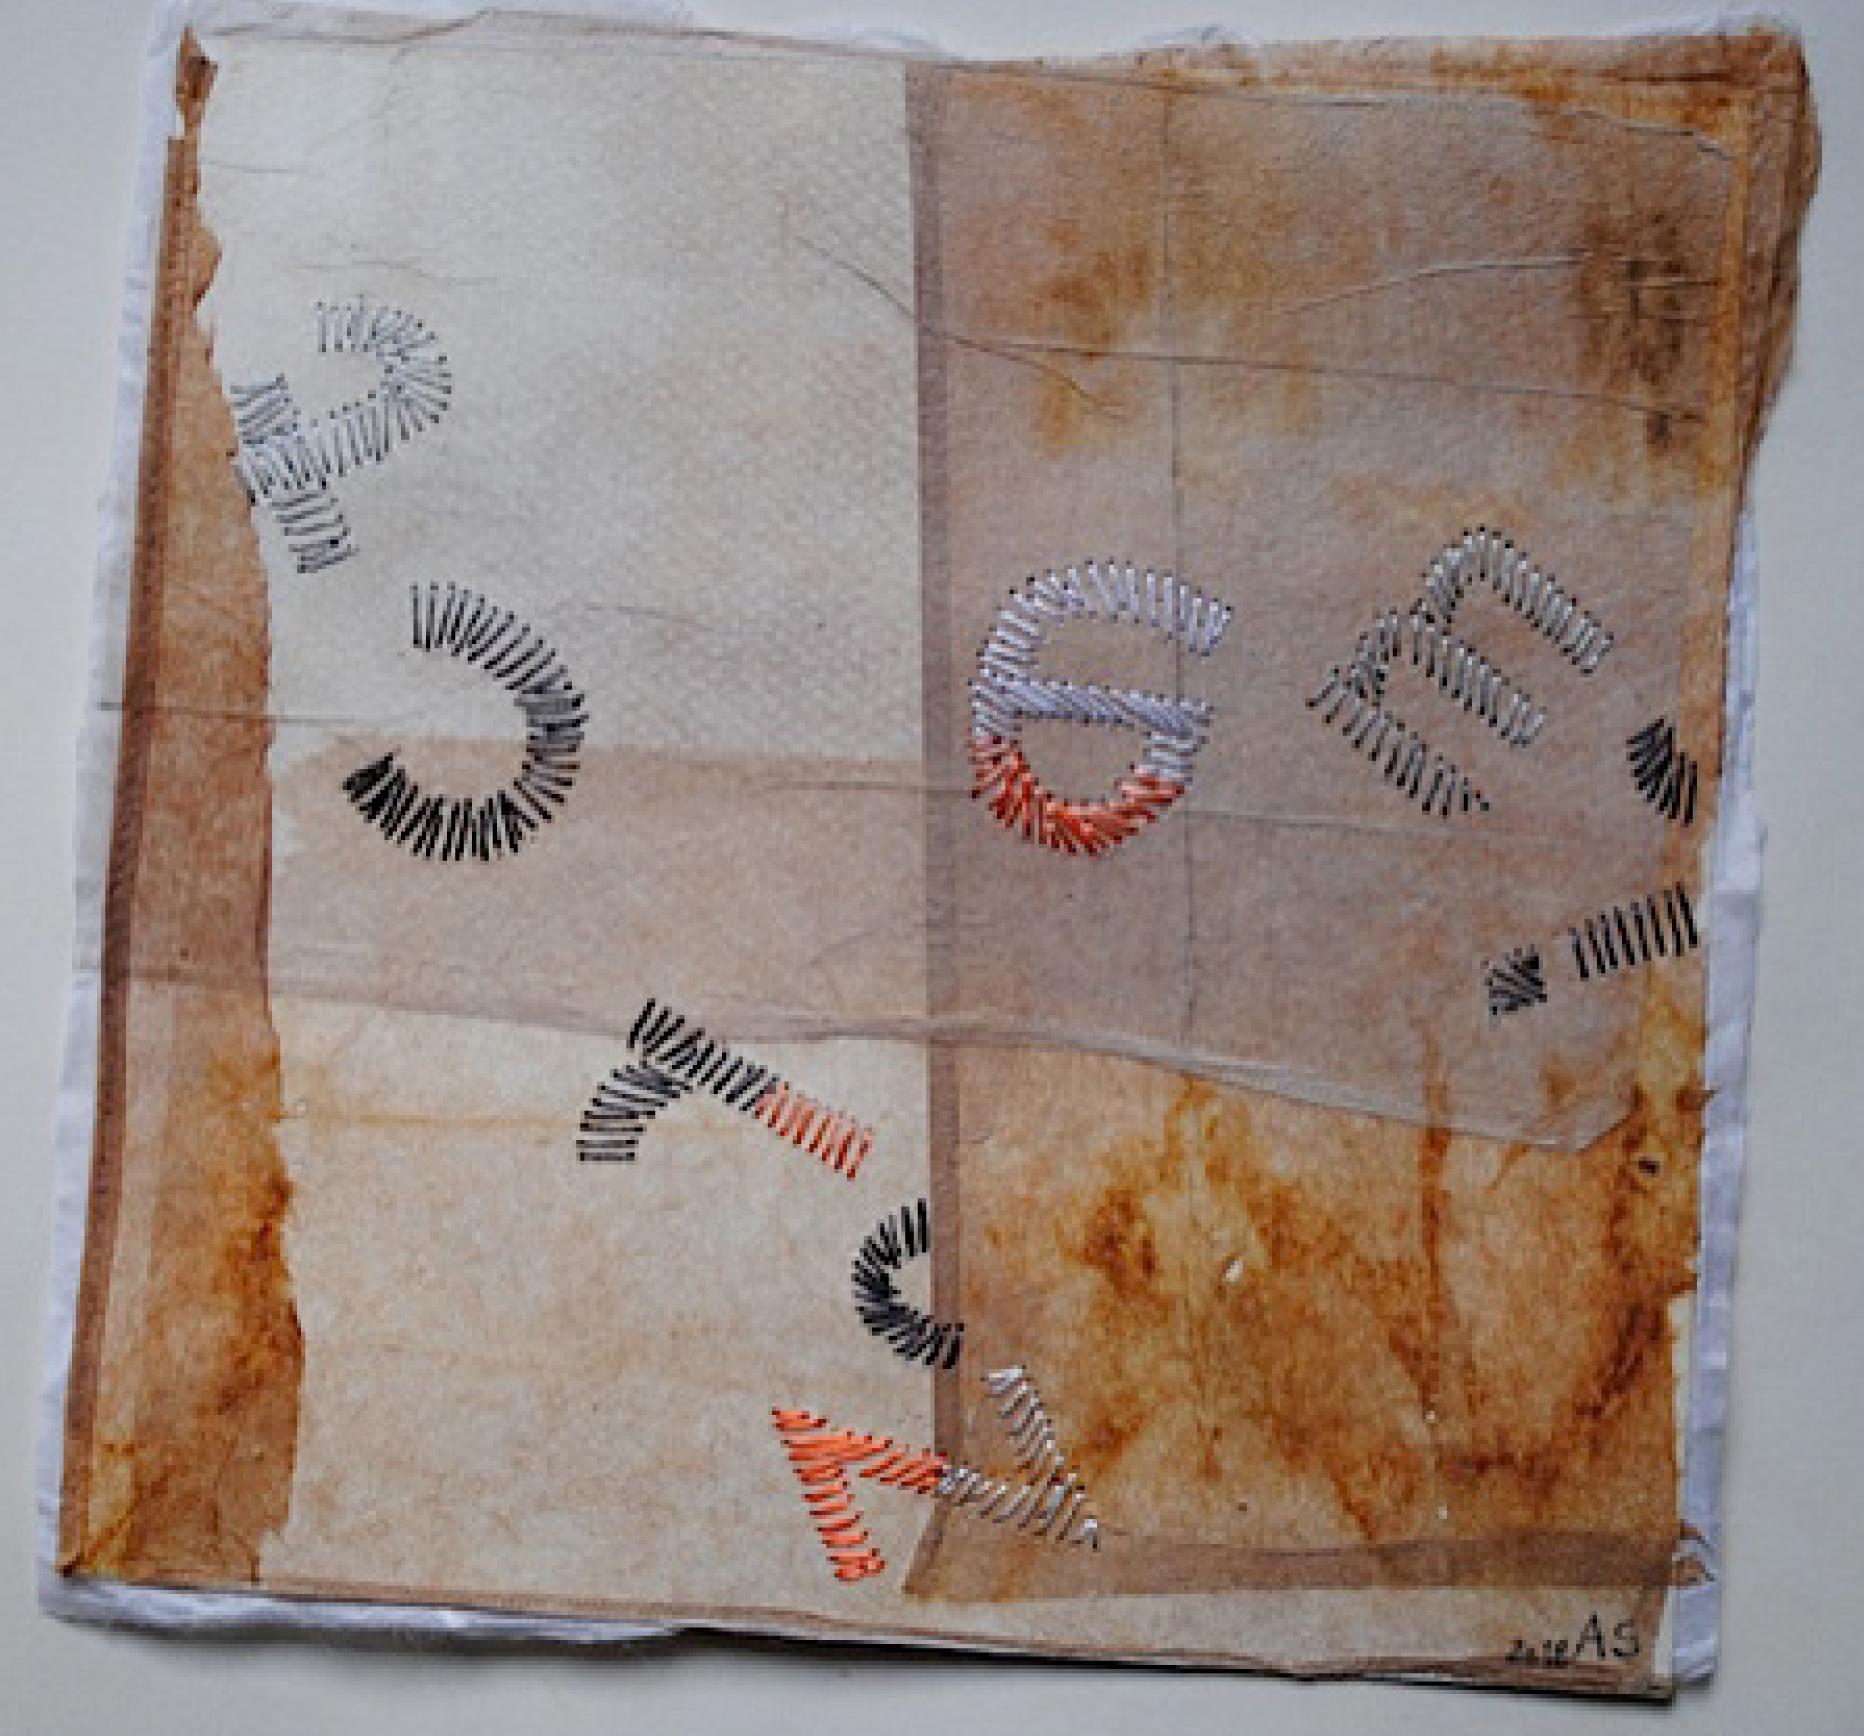 26 | Annerose Schulze | Flüsterblätter II / Blatt 3 | 2018 | Collage Transparentpapiere Seidenstick | 15,5 x 15,5 | Kunstlotterie